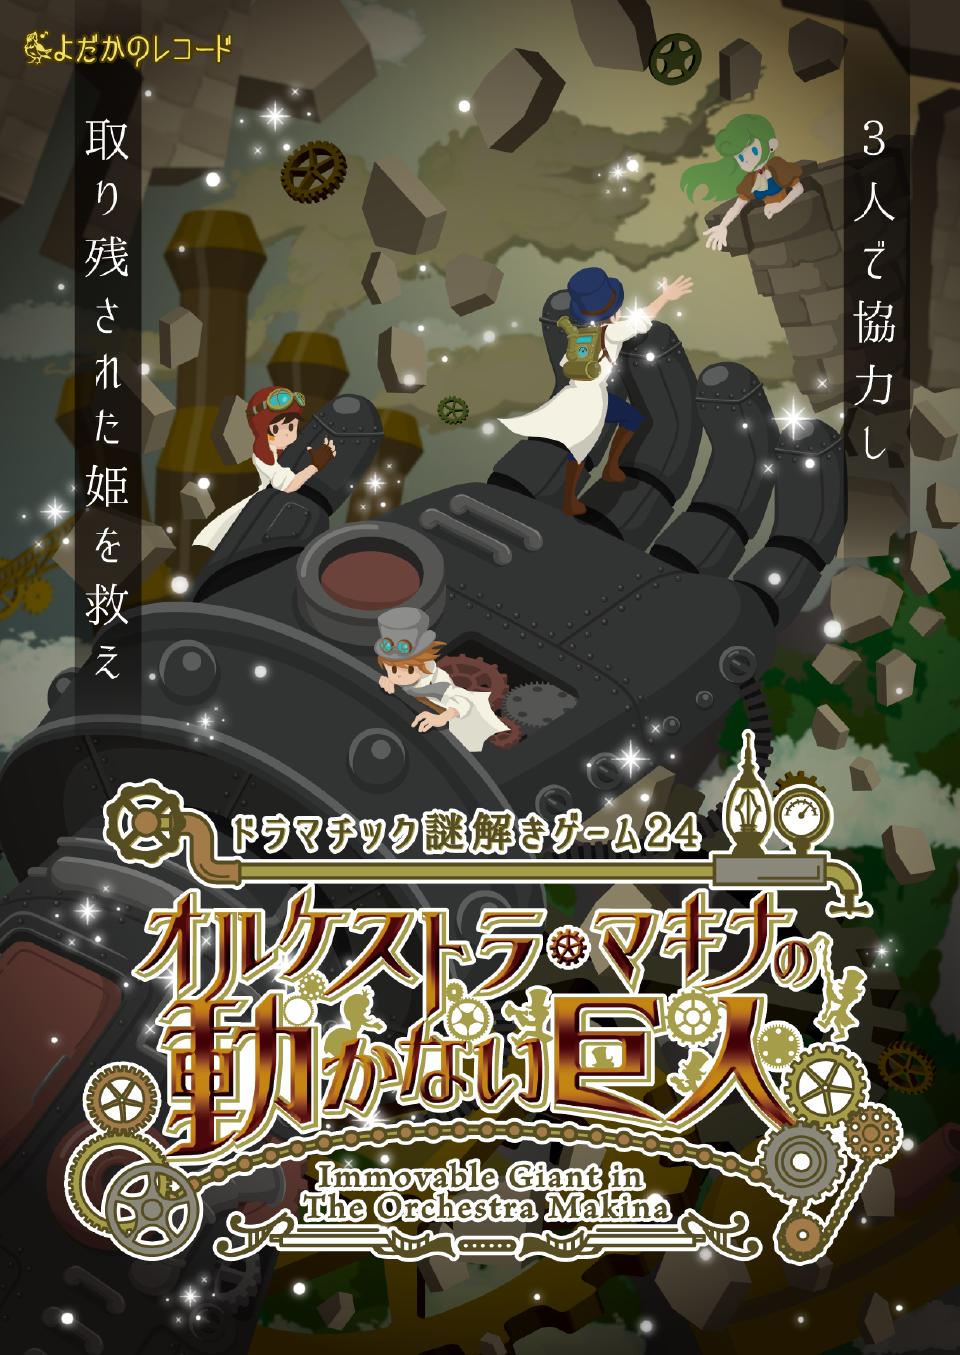 ドラマチック謎解きゲーム24 「オルケストラ・マキナの動かない巨人」【再演】